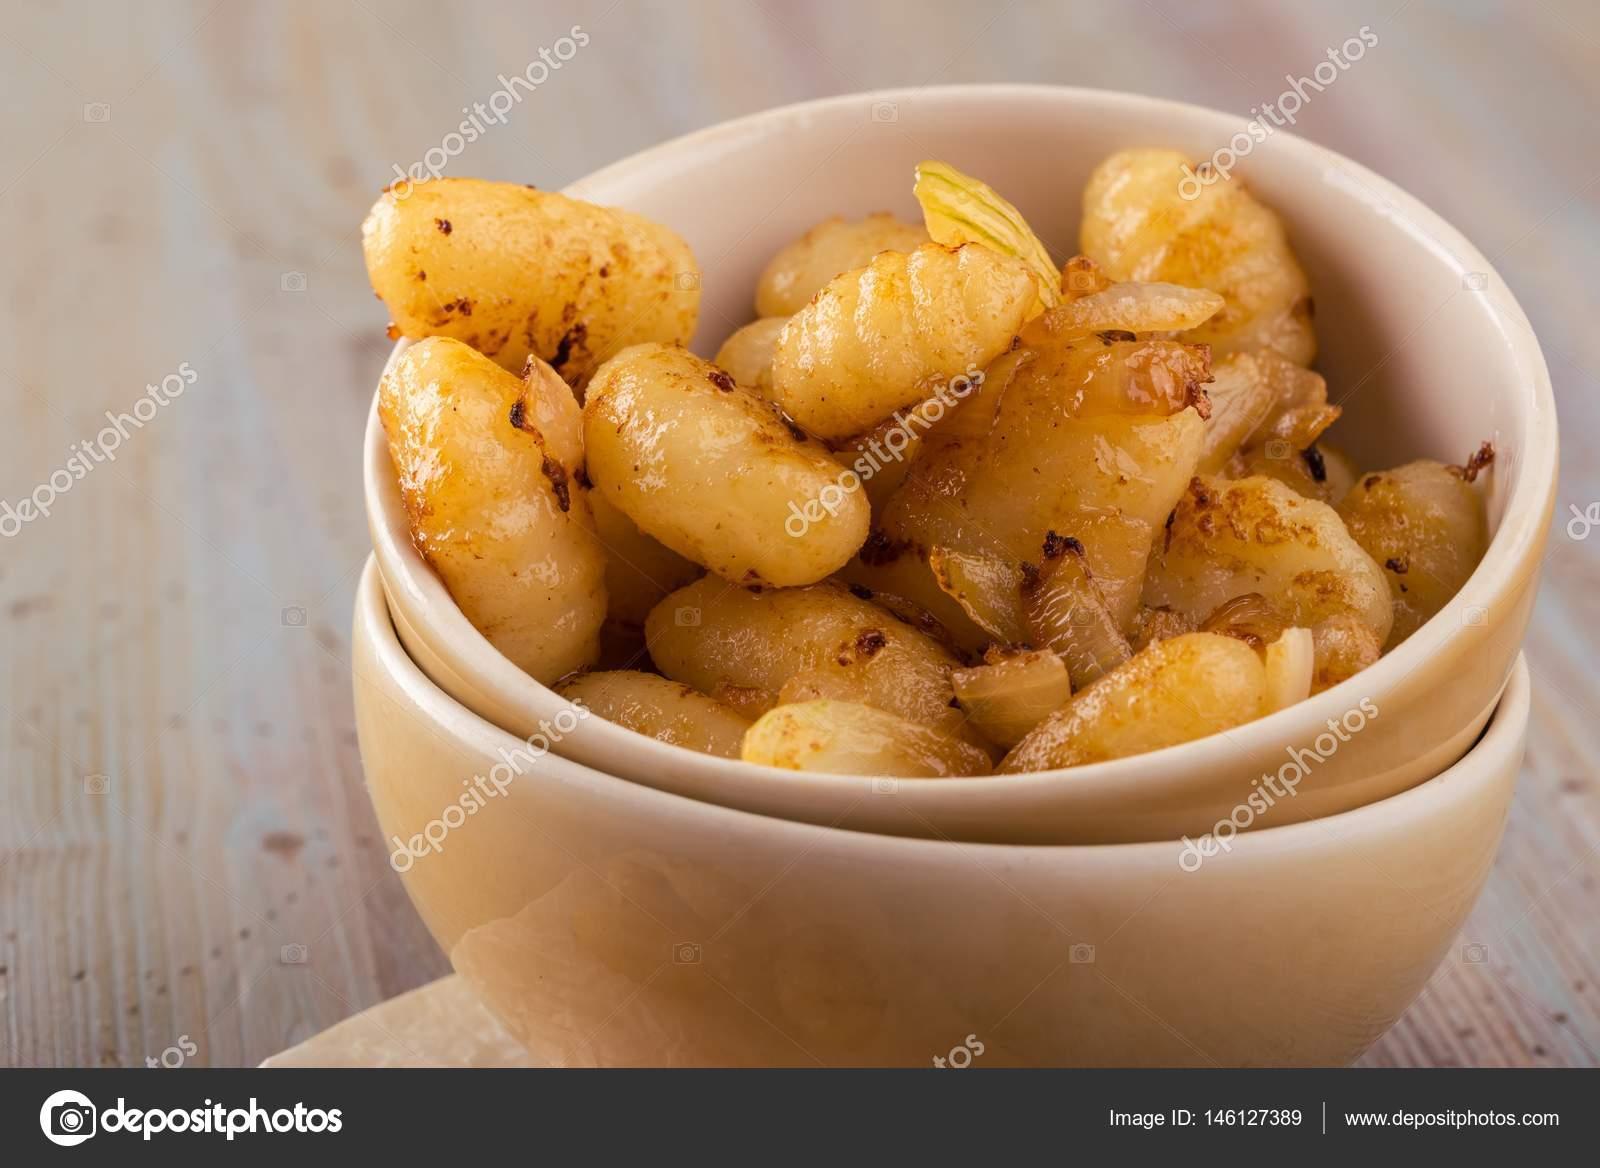 Gnocchi di patate una porzione